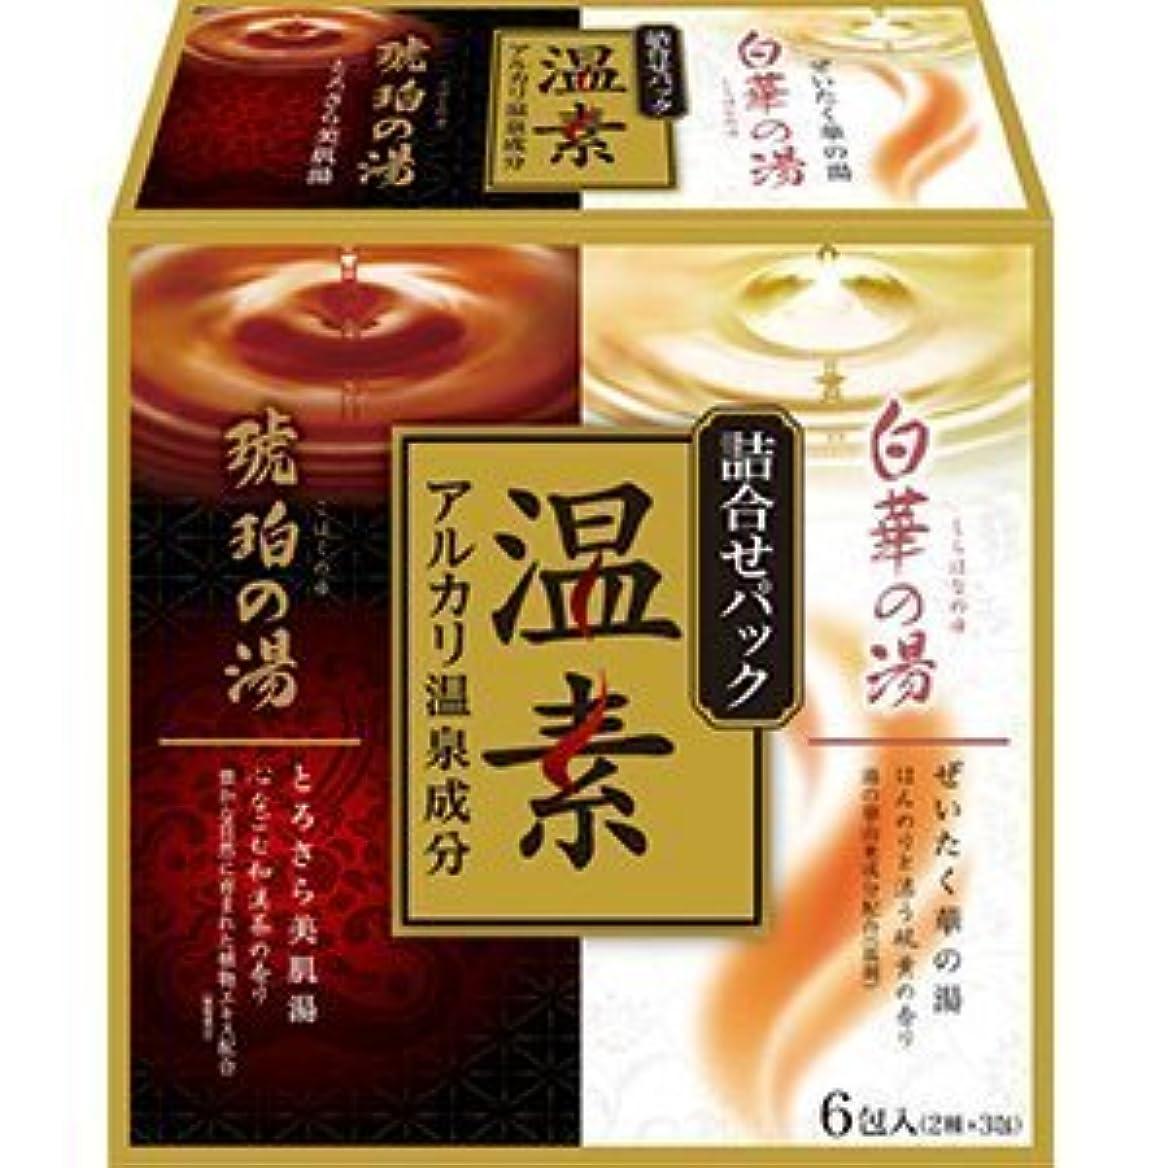 財布採用する偶然温素 琥珀の湯&白華の湯 詰合せパック × 5個セット